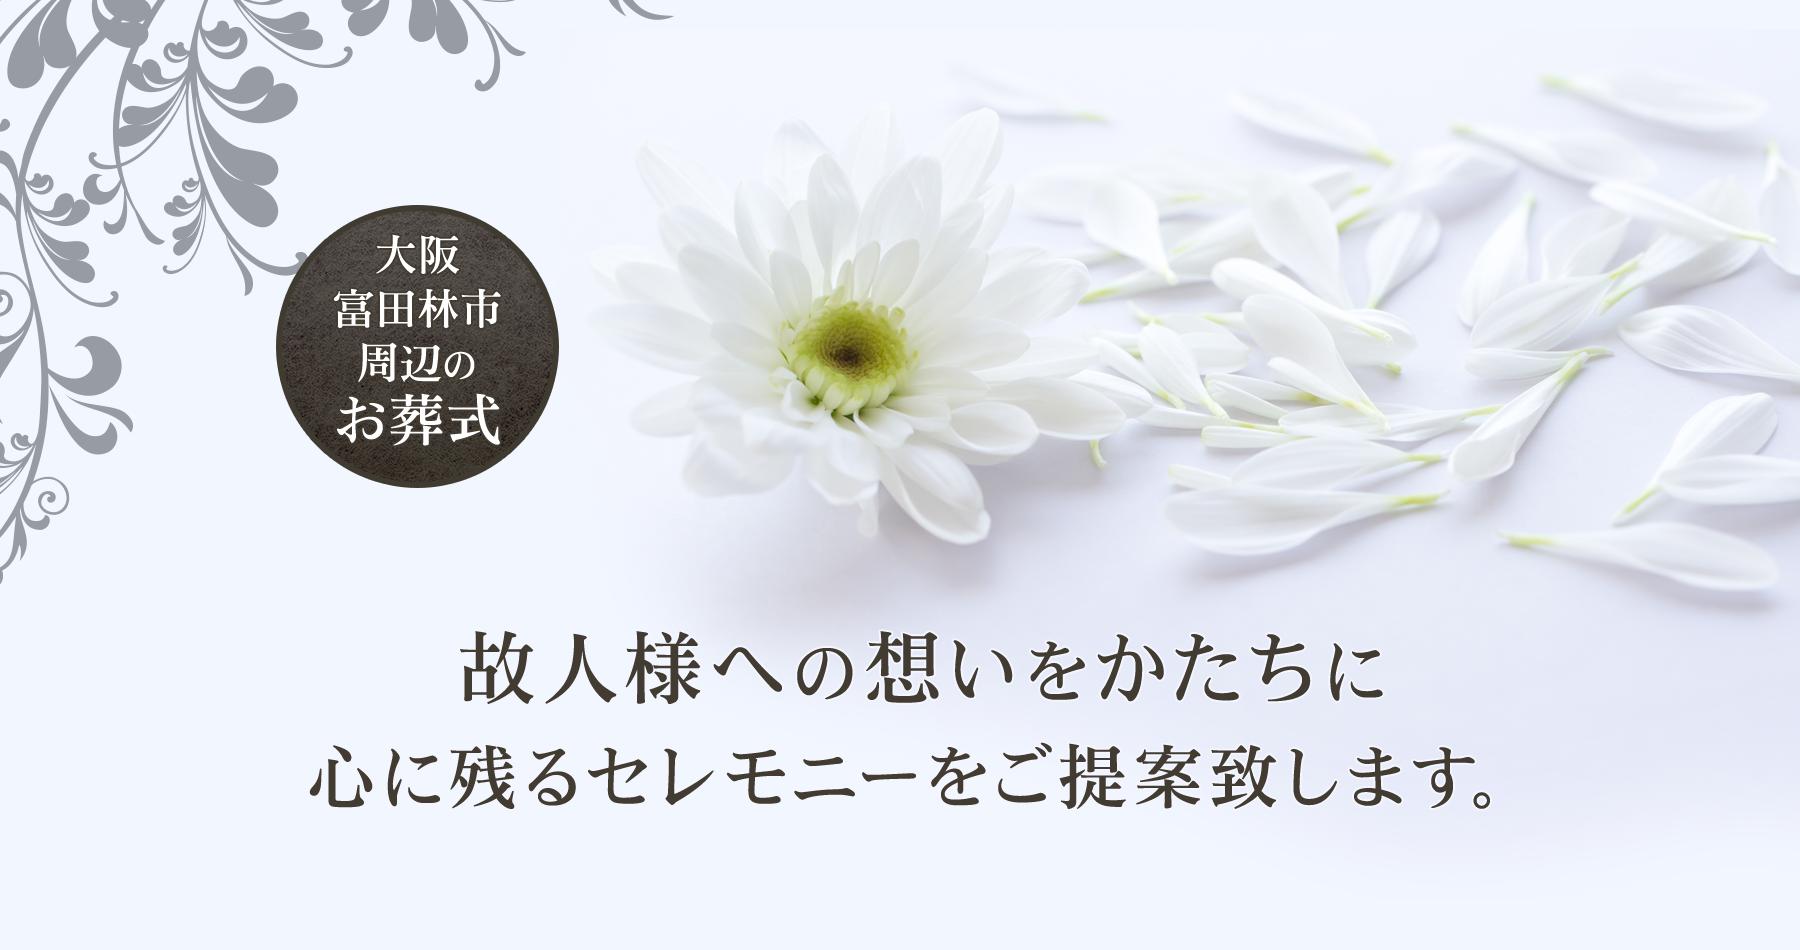 大阪富田林市周辺のお葬式